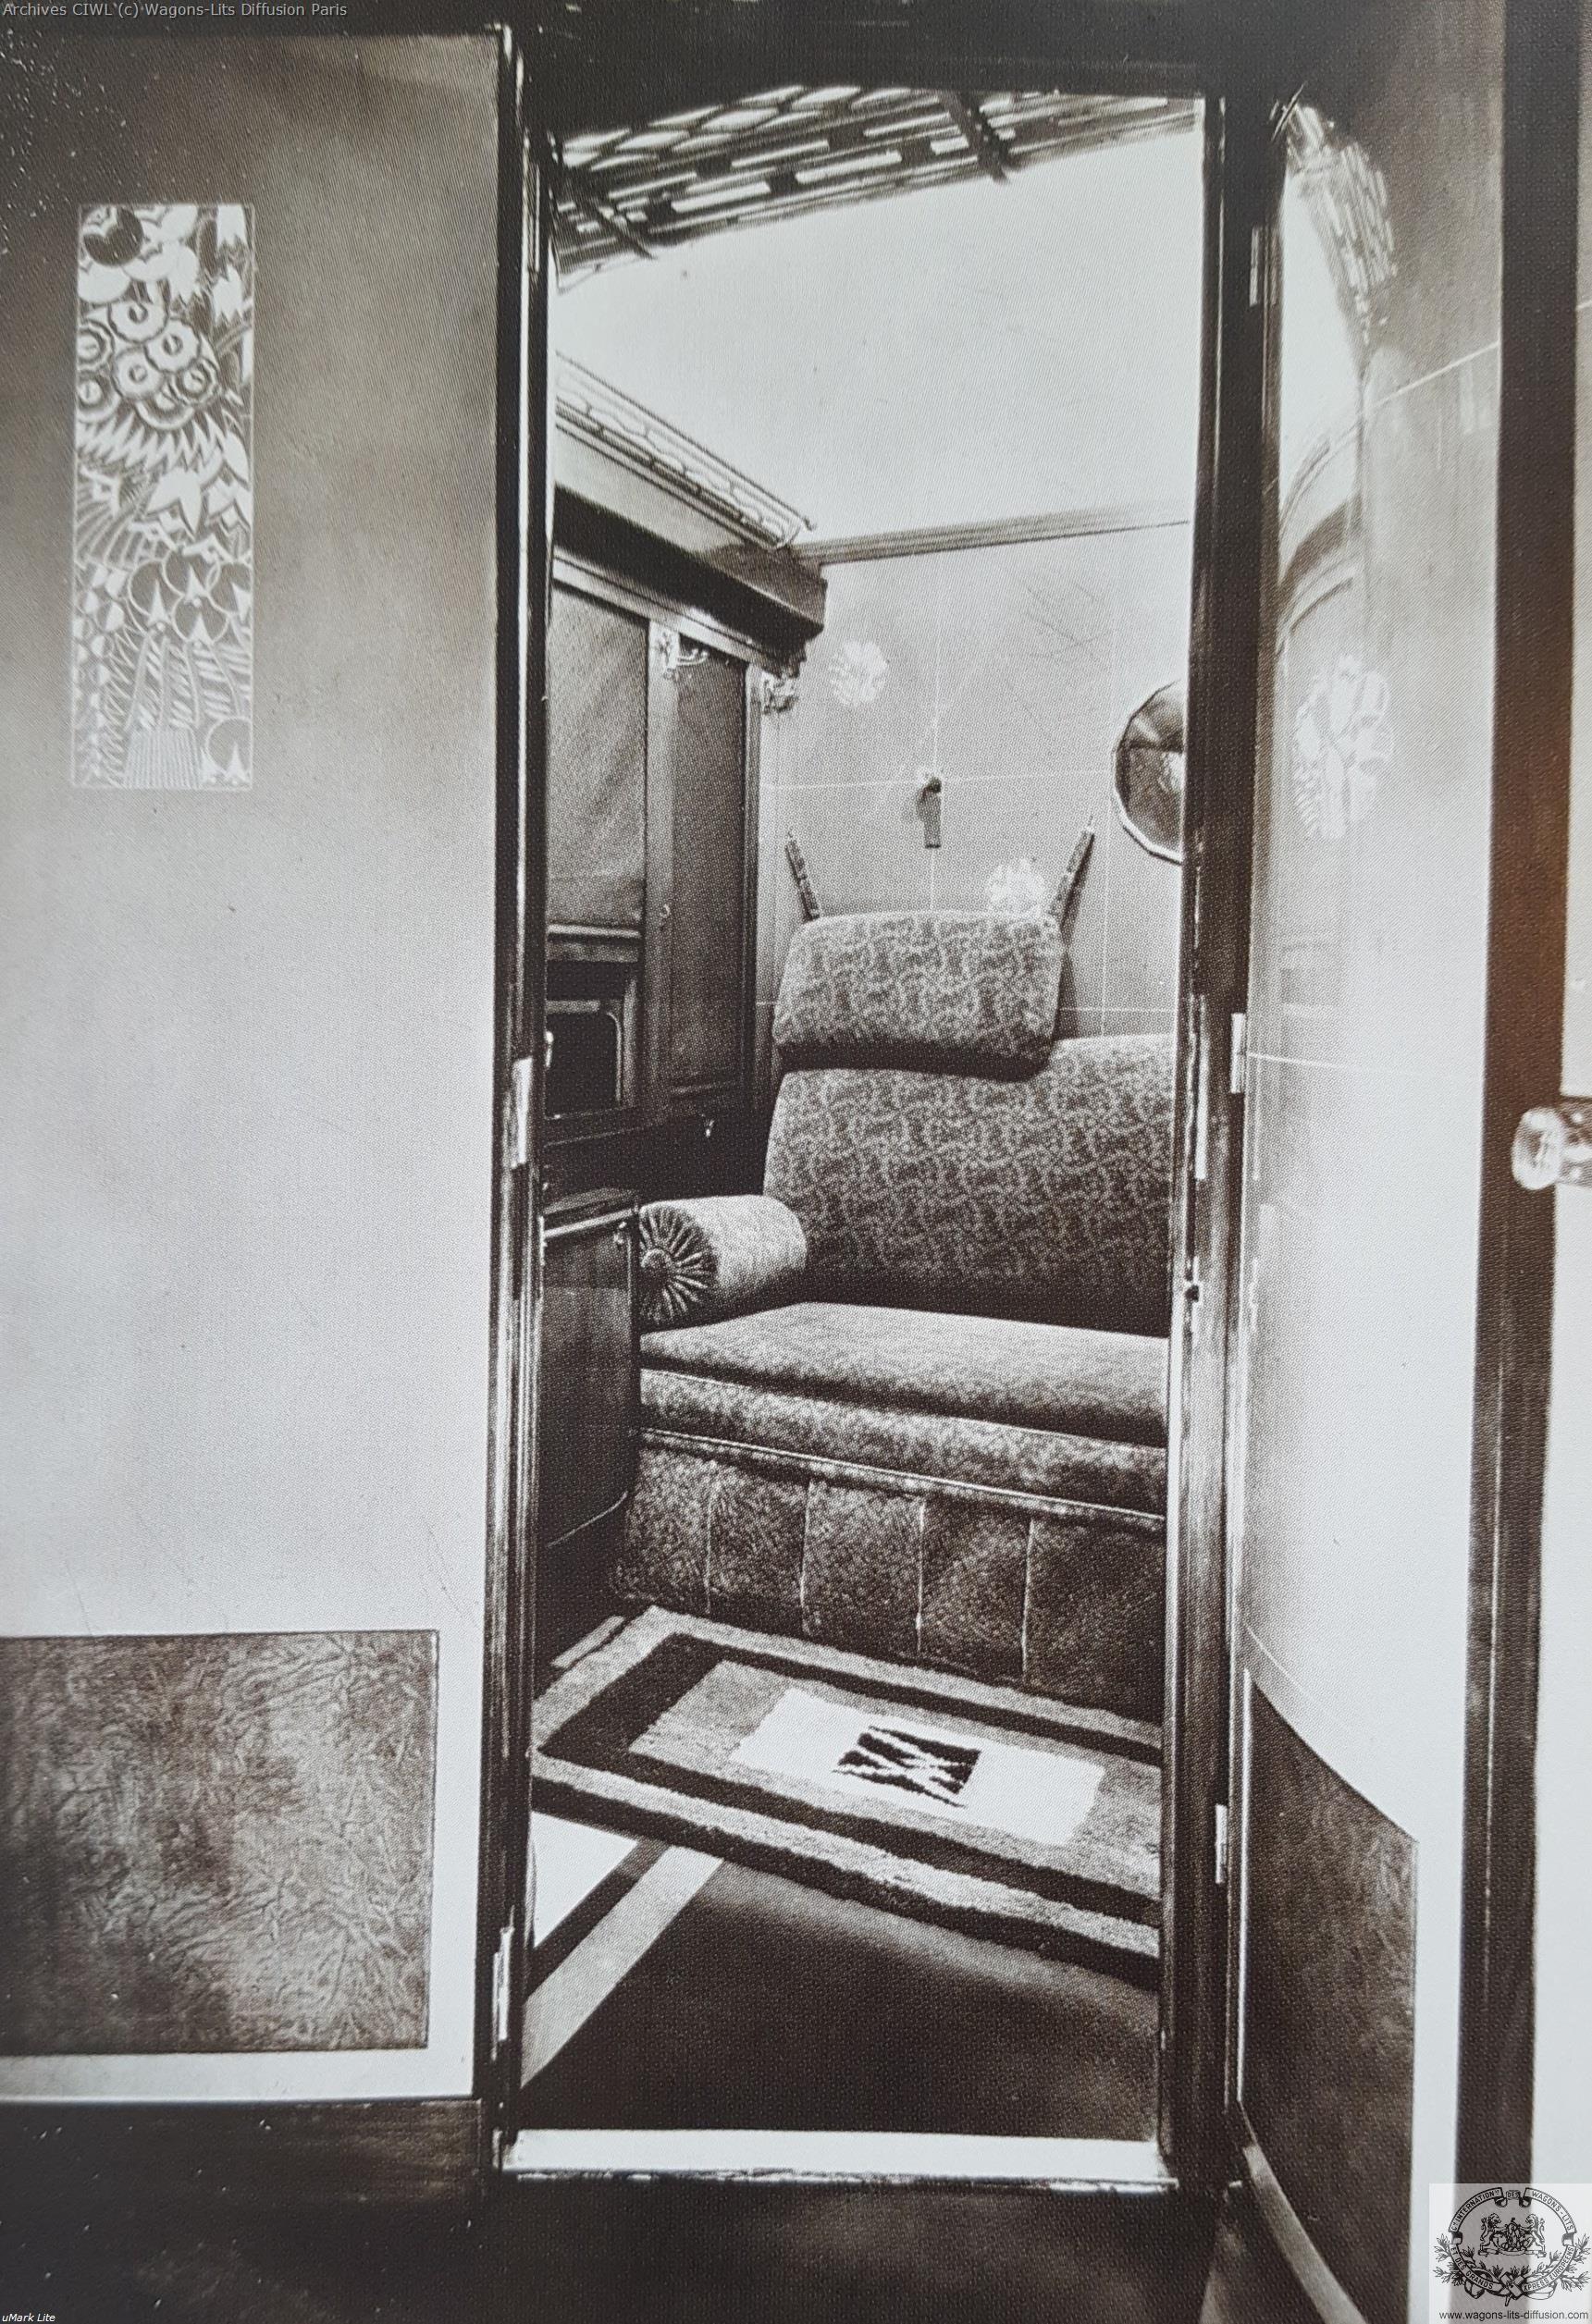 Wl interieur compartiment vers 1925